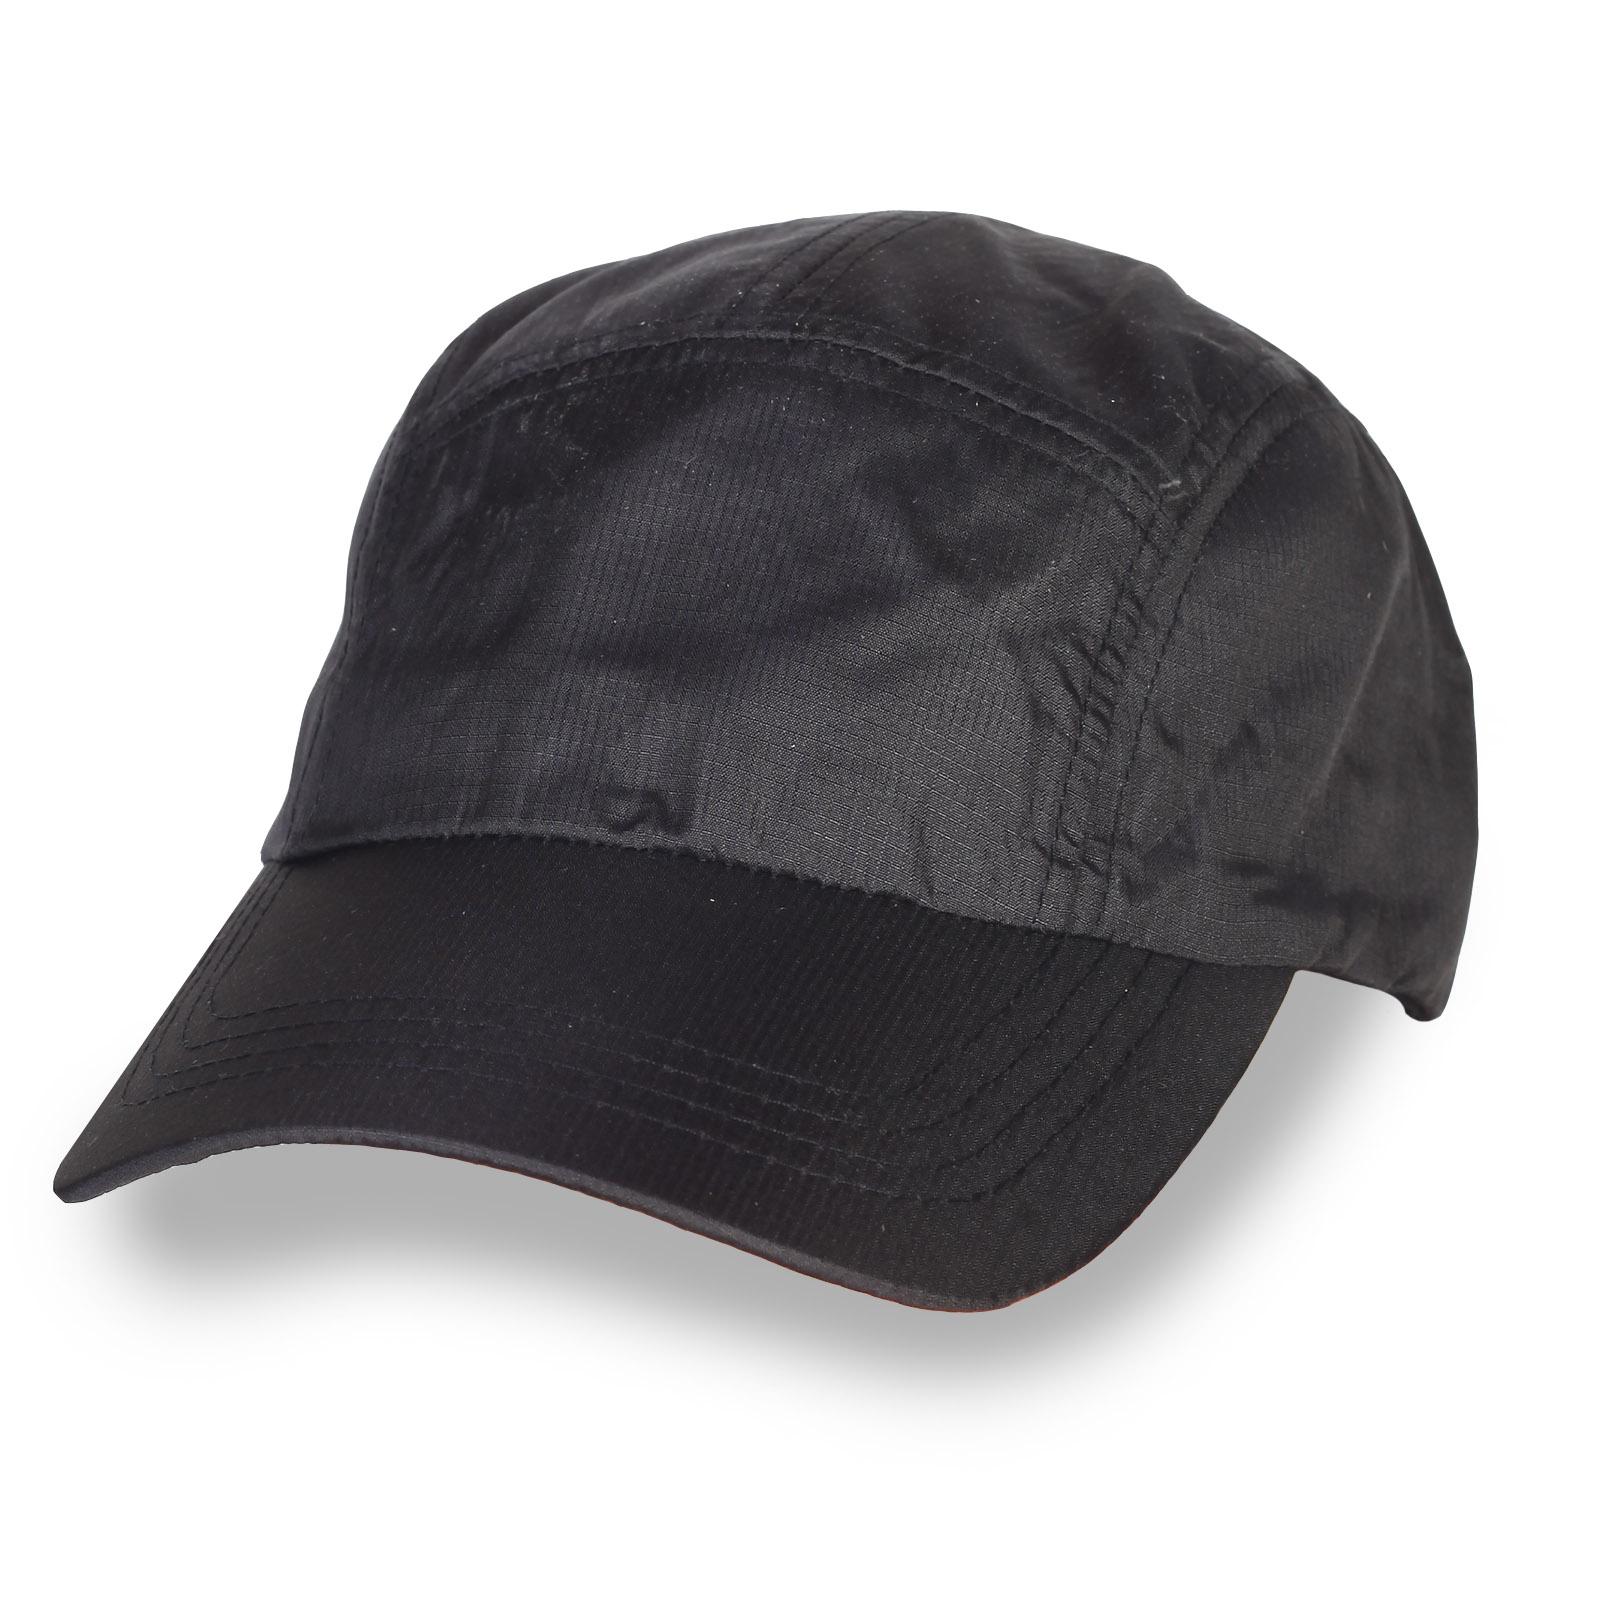 Чёрная кепка пятипанелька